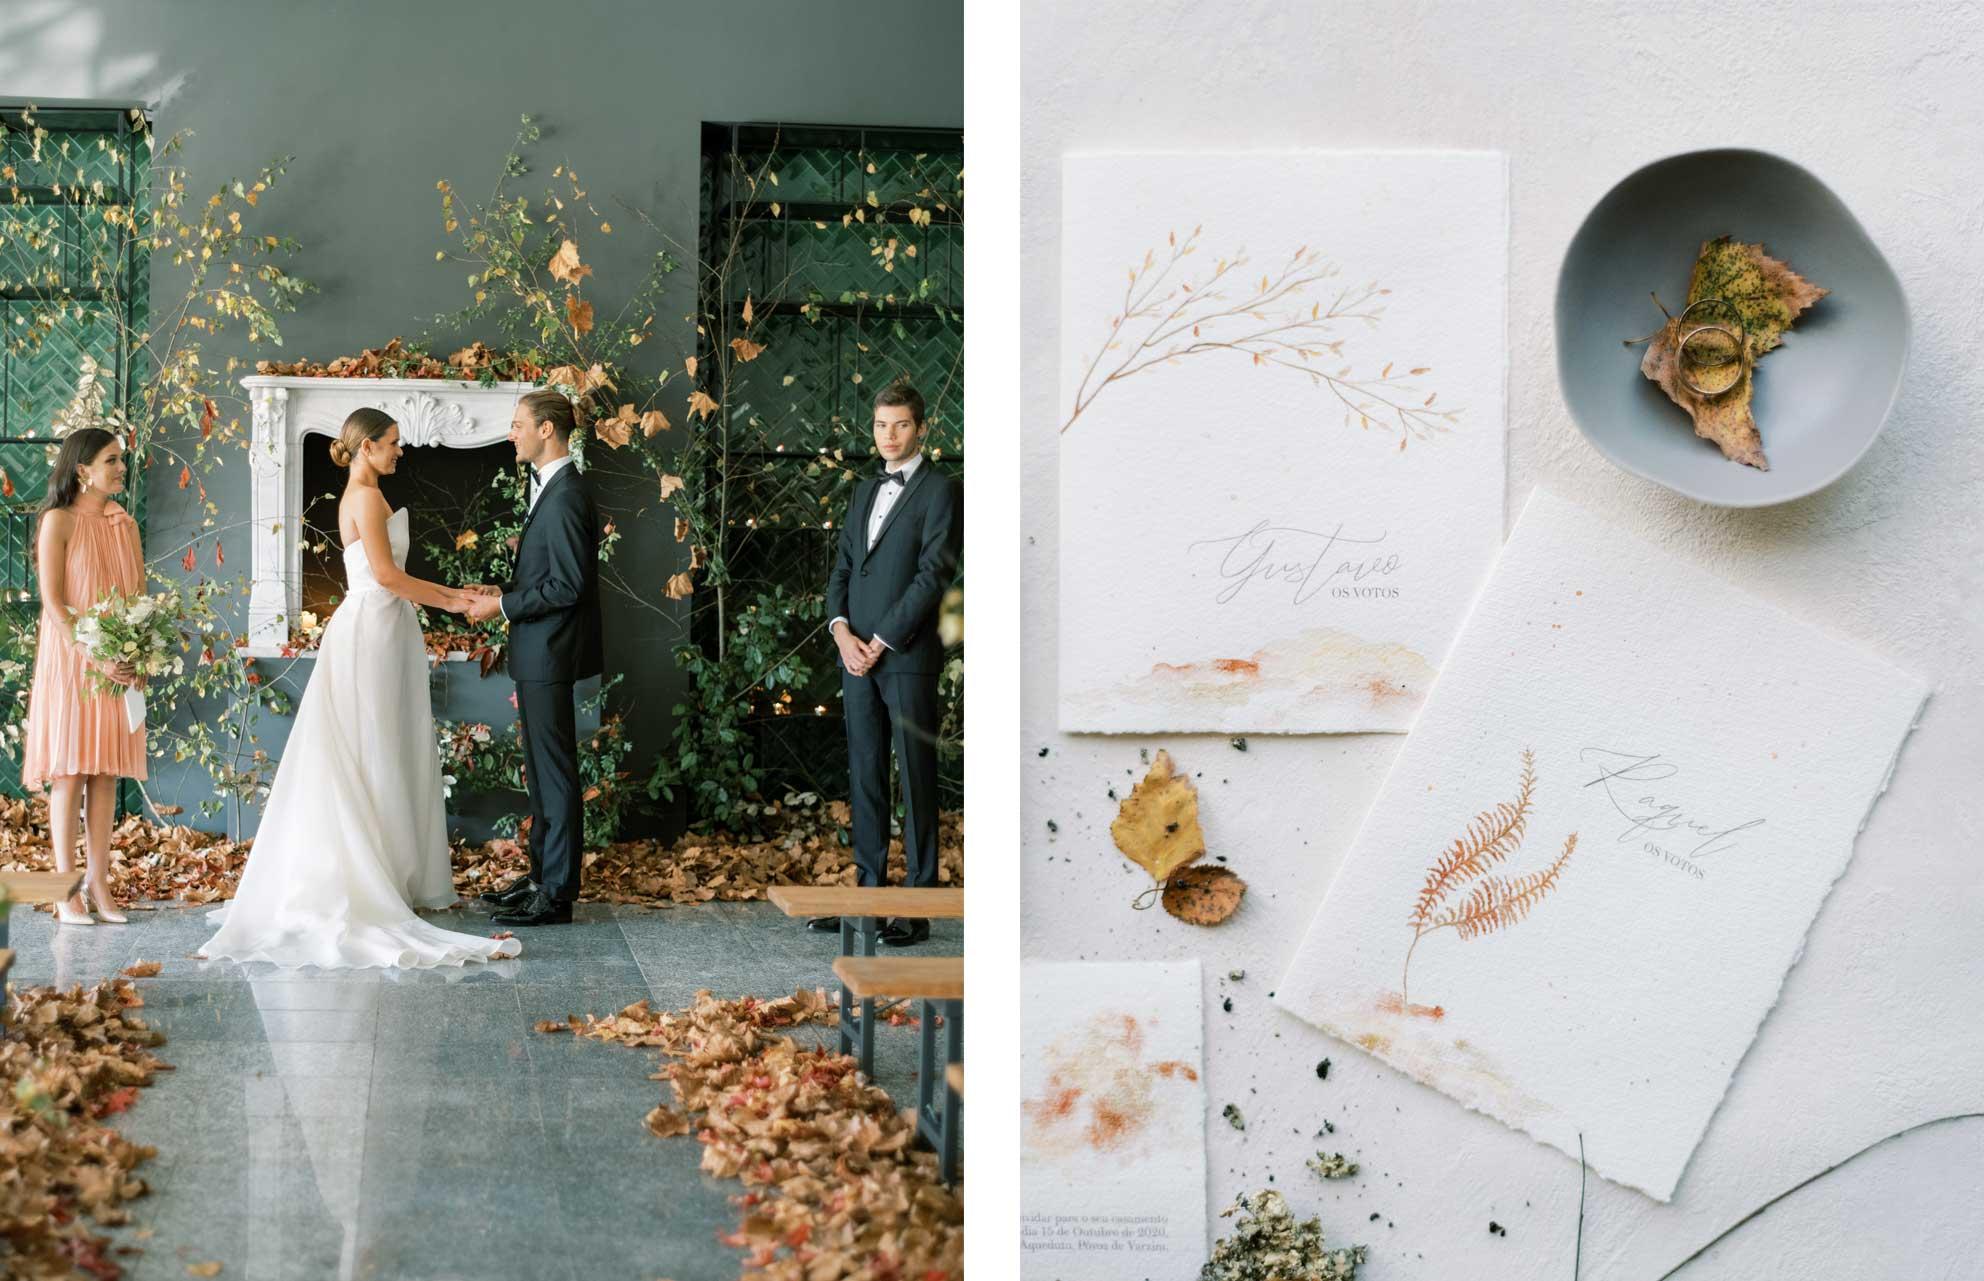 contos-de-outono-o-convite-de-casamento-por-A-Pajarita